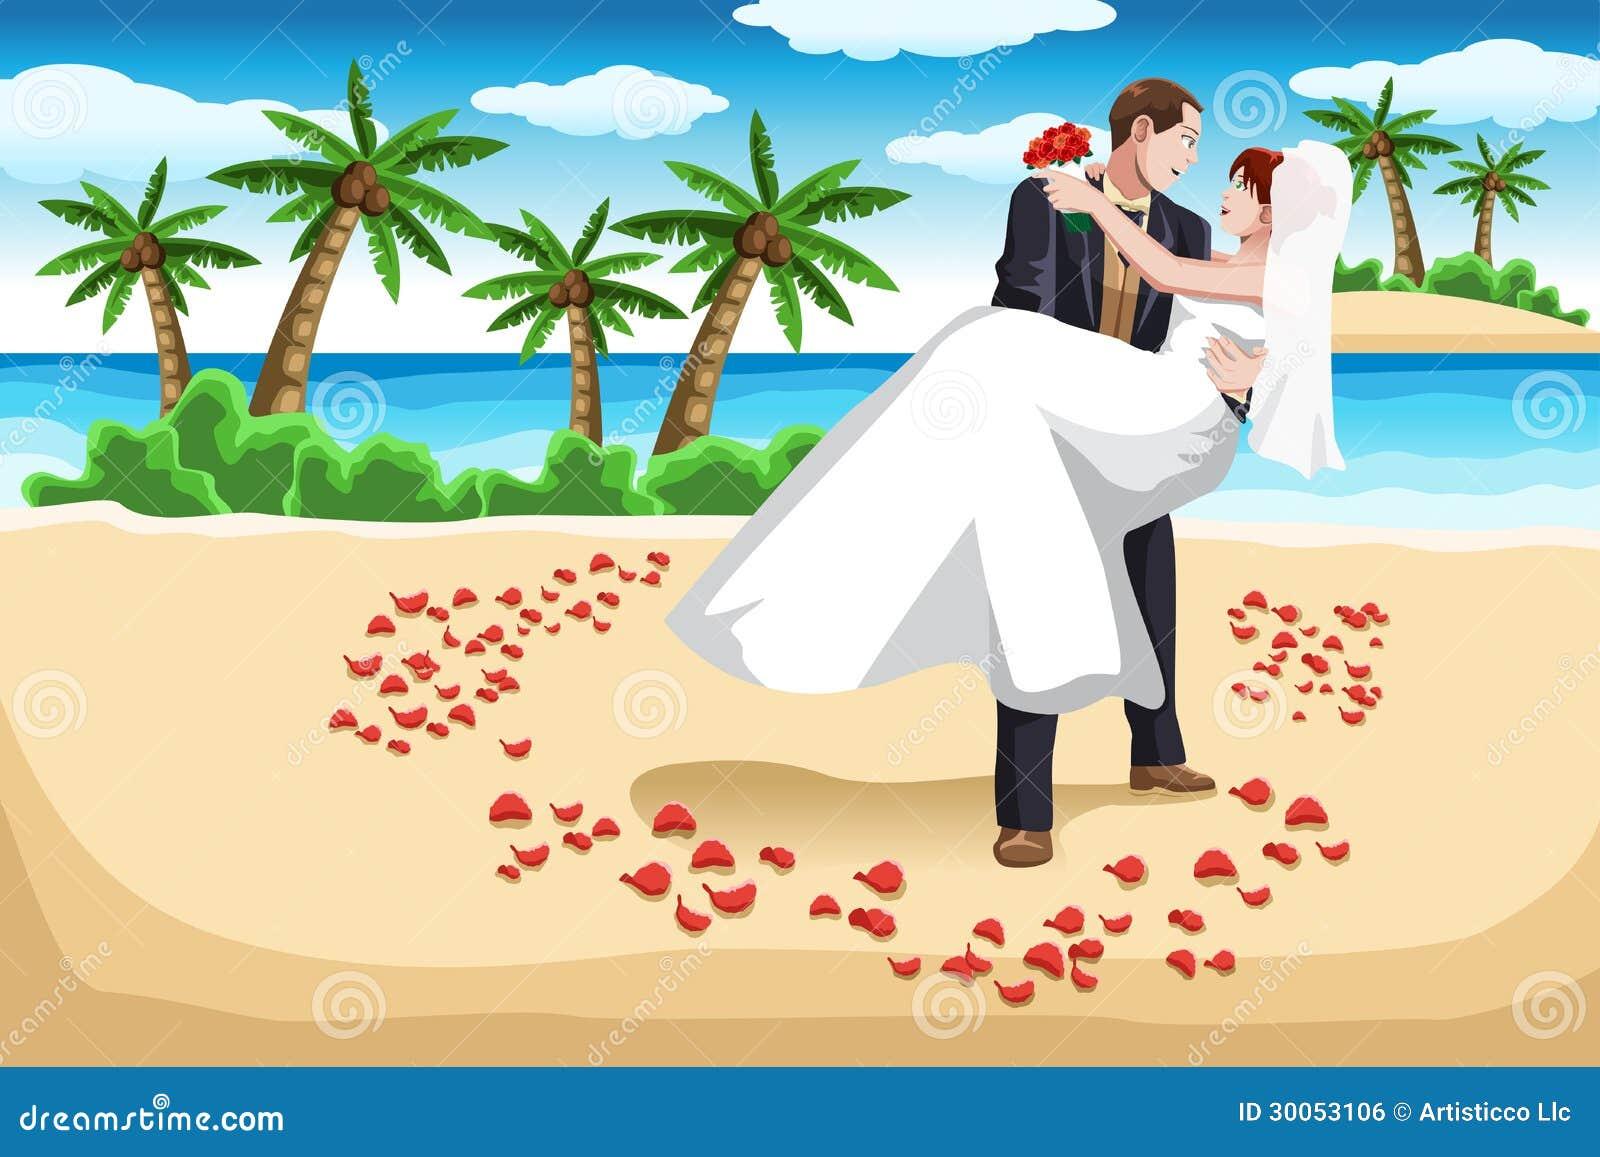 Casamento De Praia Imagem De Stock Royalty Free Imagem